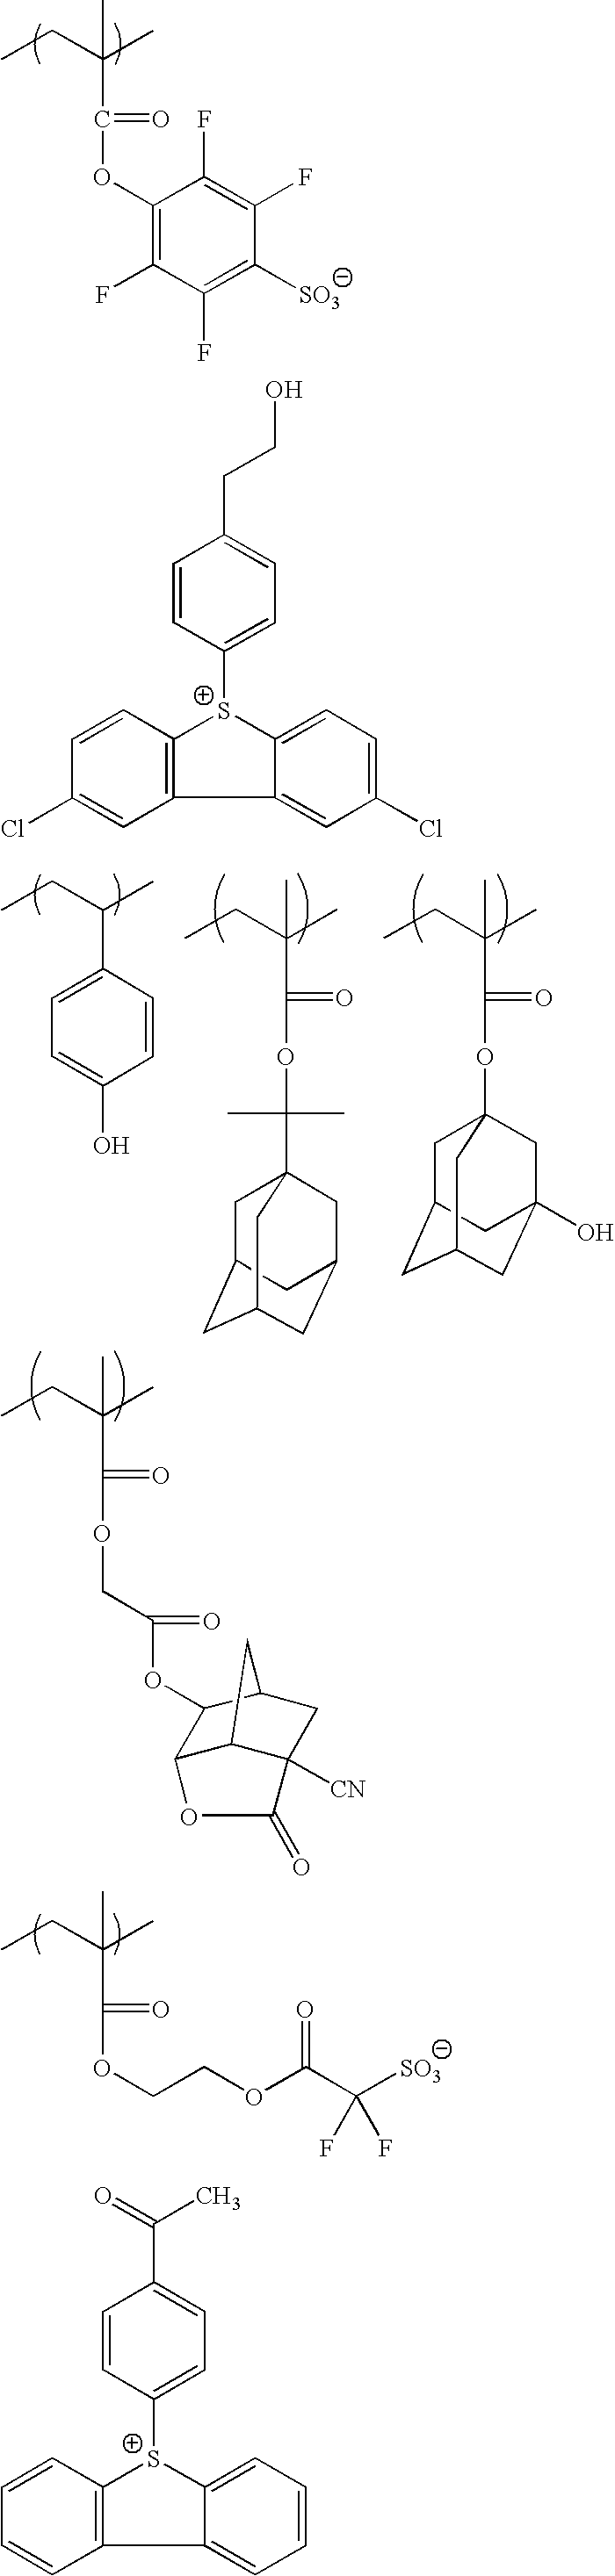 Figure US08852845-20141007-C00203